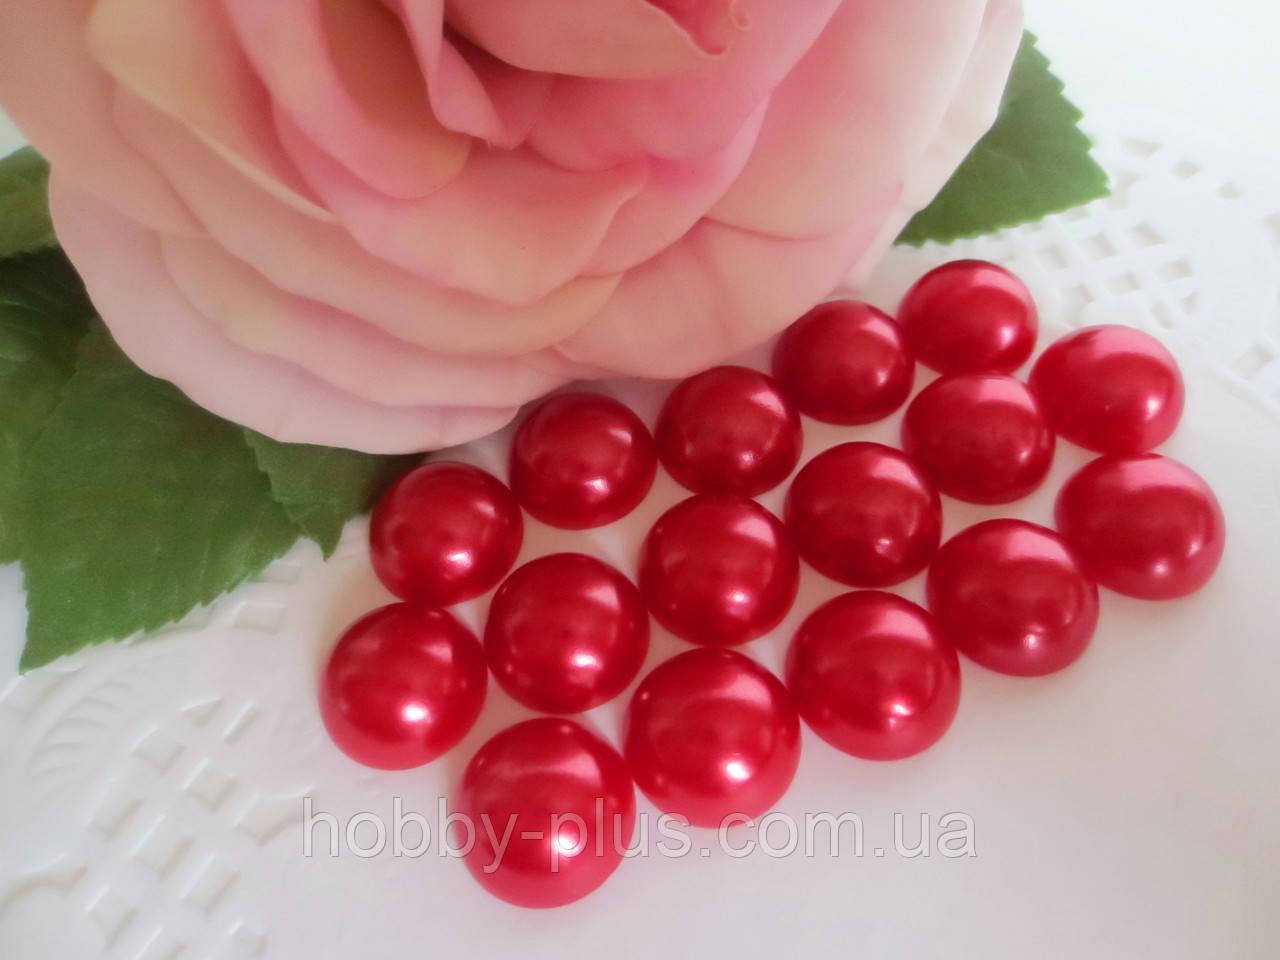 Полубусины перламутровые, 14 мм, цвет красный, 20 шт.